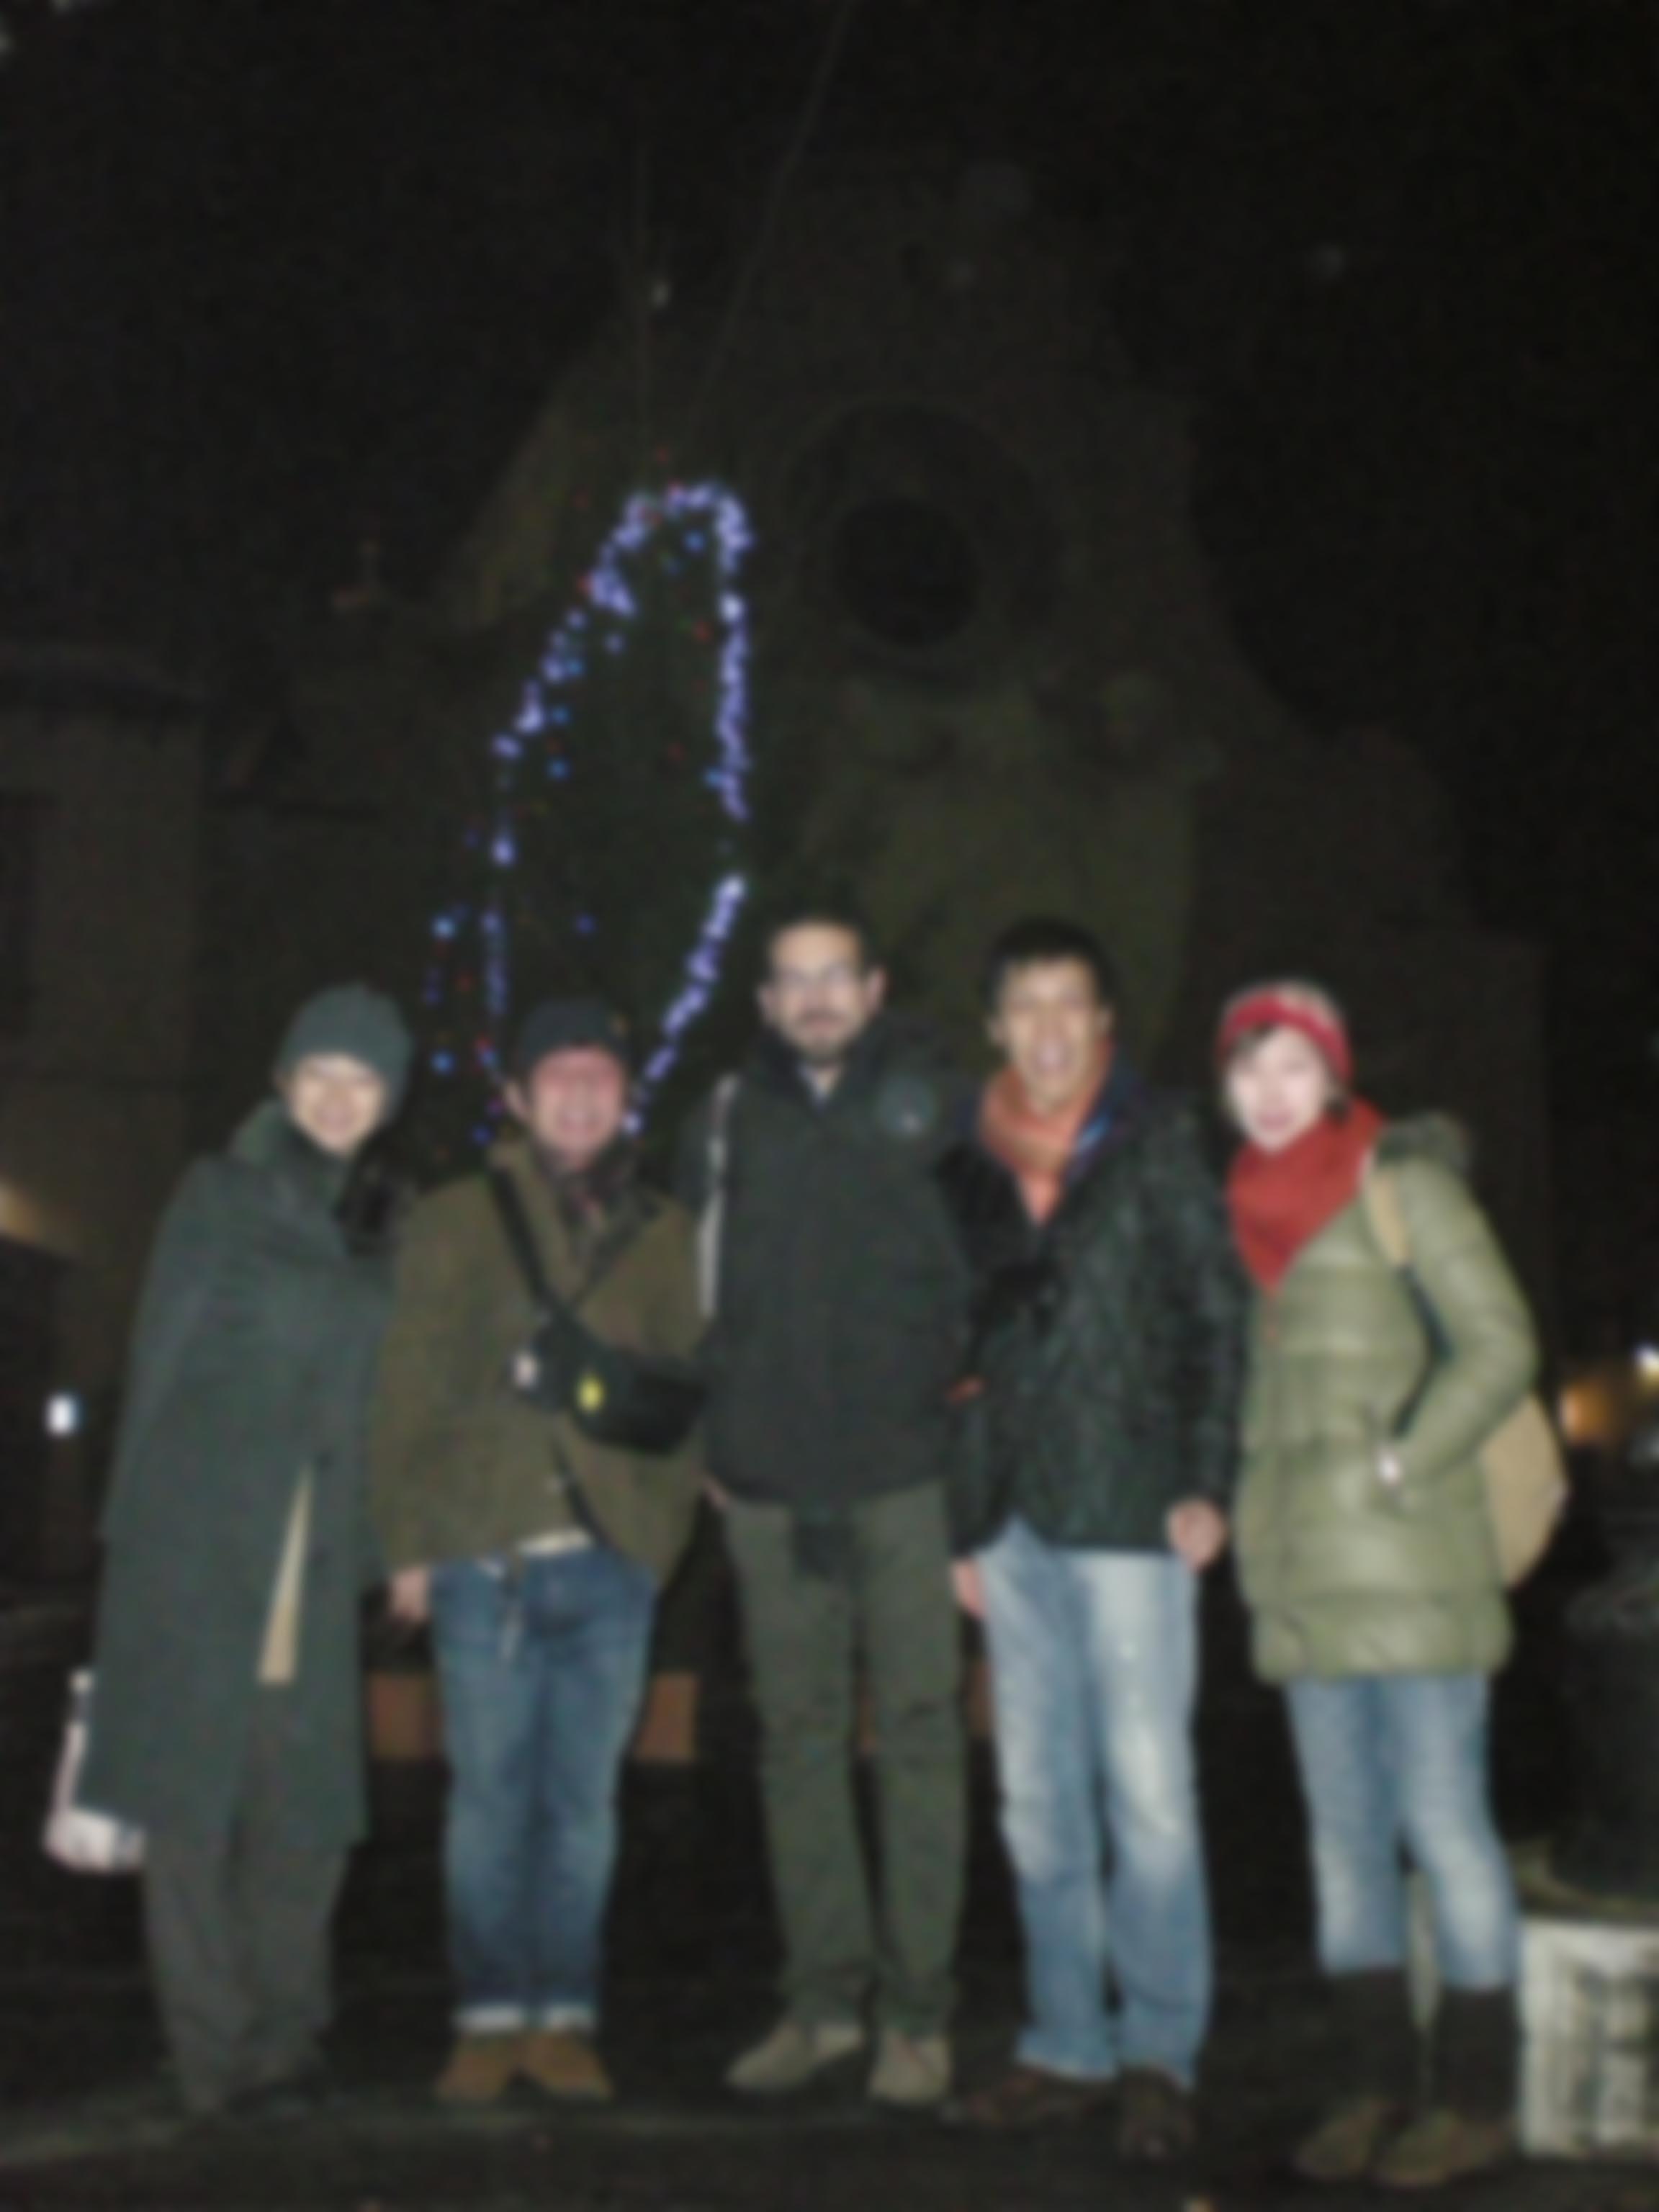 日本人5人+イタリア人の新年の乾杯!!!_c0179785_1715215.jpg